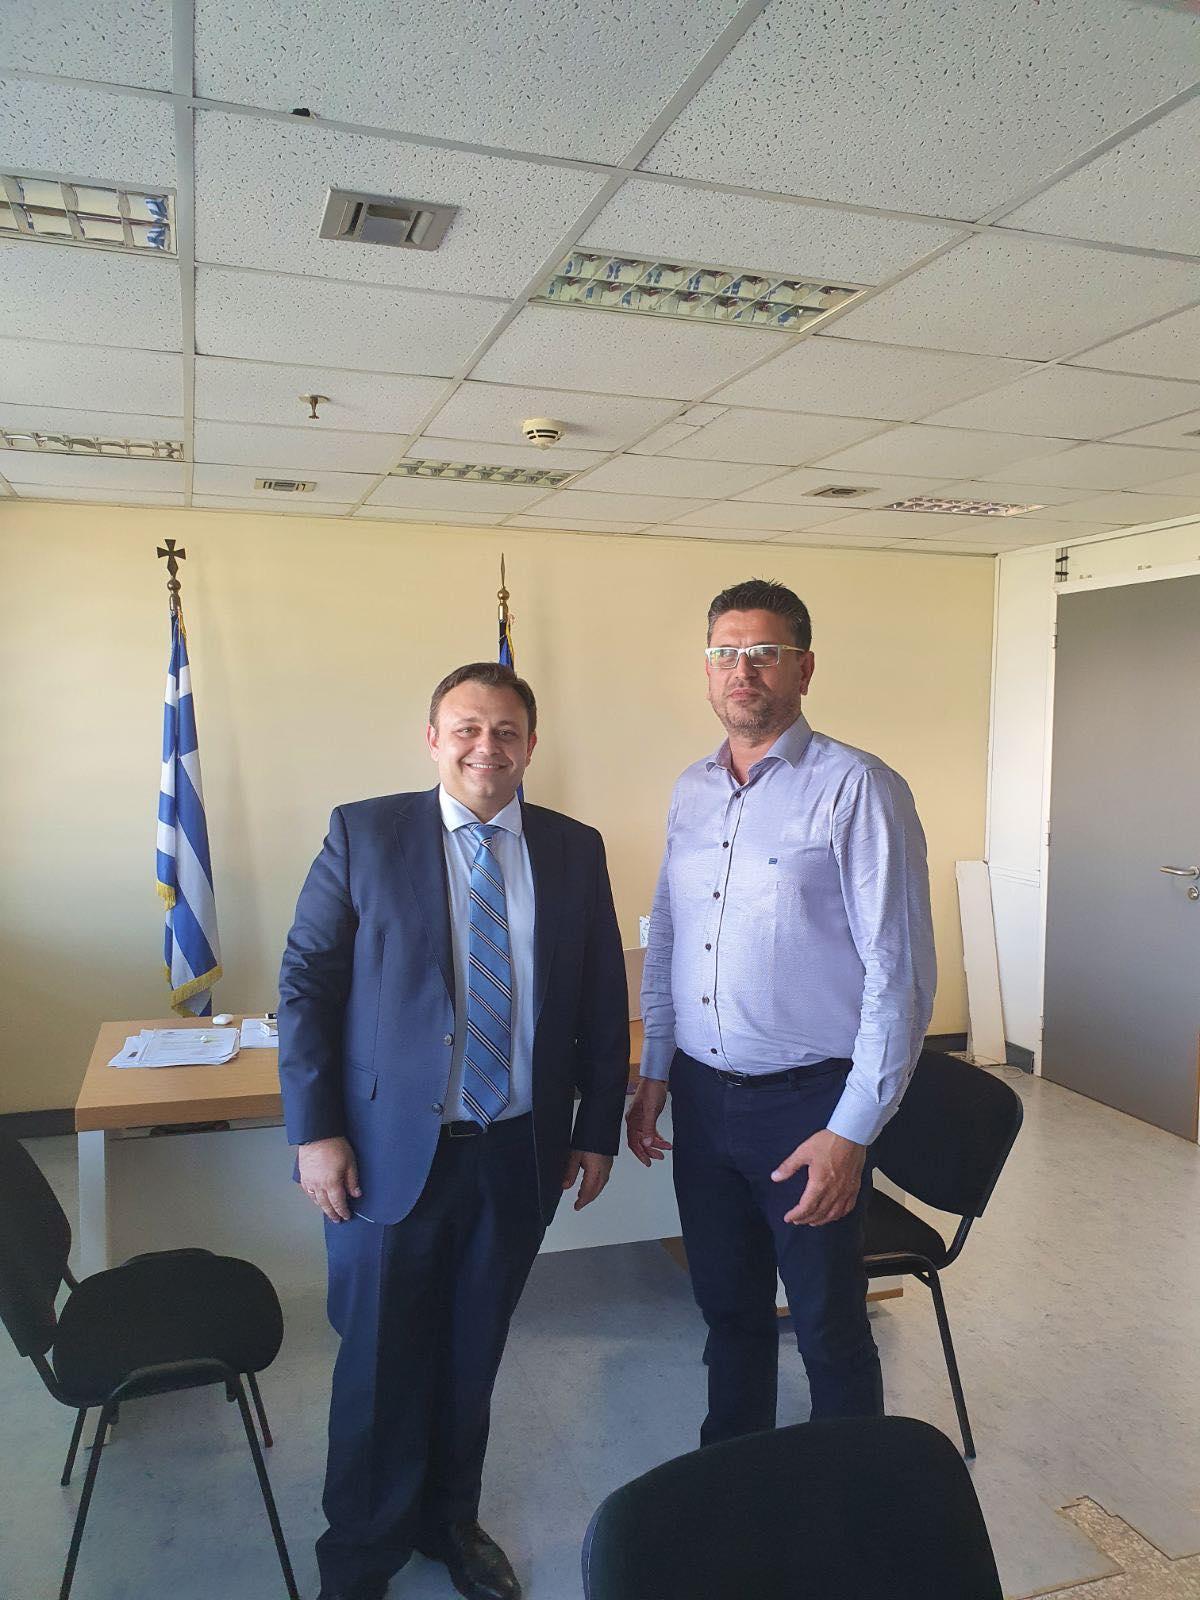 Δήμος Ανδραβίδας-Κυλλήνης: Πολλαπλές συναντήσεις Γιάννη Λέντζα με Υπουργούς, και Φορείς του Δημοσίου, για αναπτυξιακά έργα